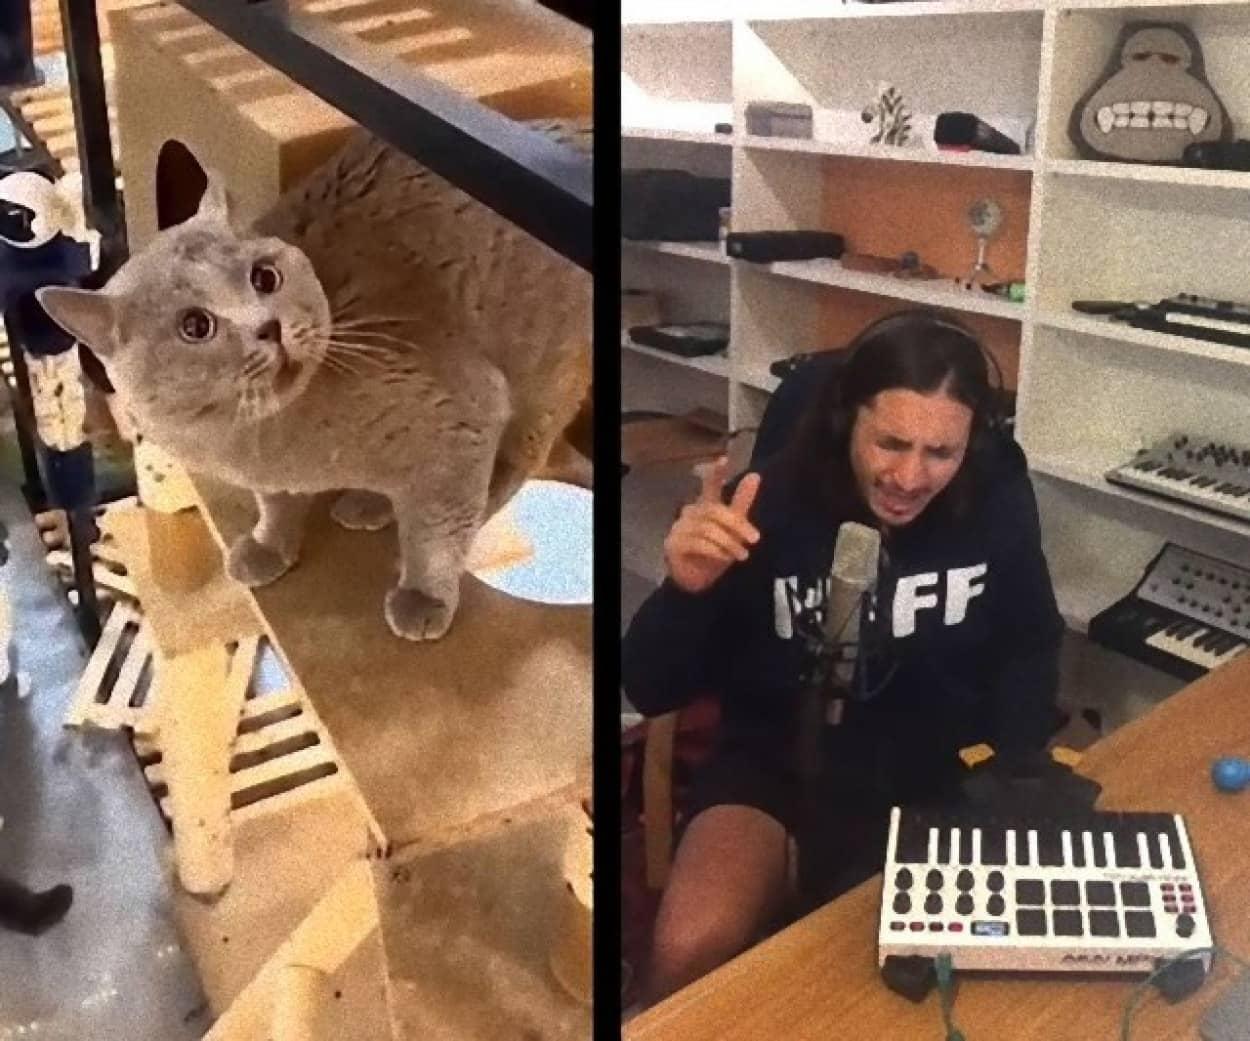 猫の鳴き声をループさせてリミックスした最高に癖になる曲